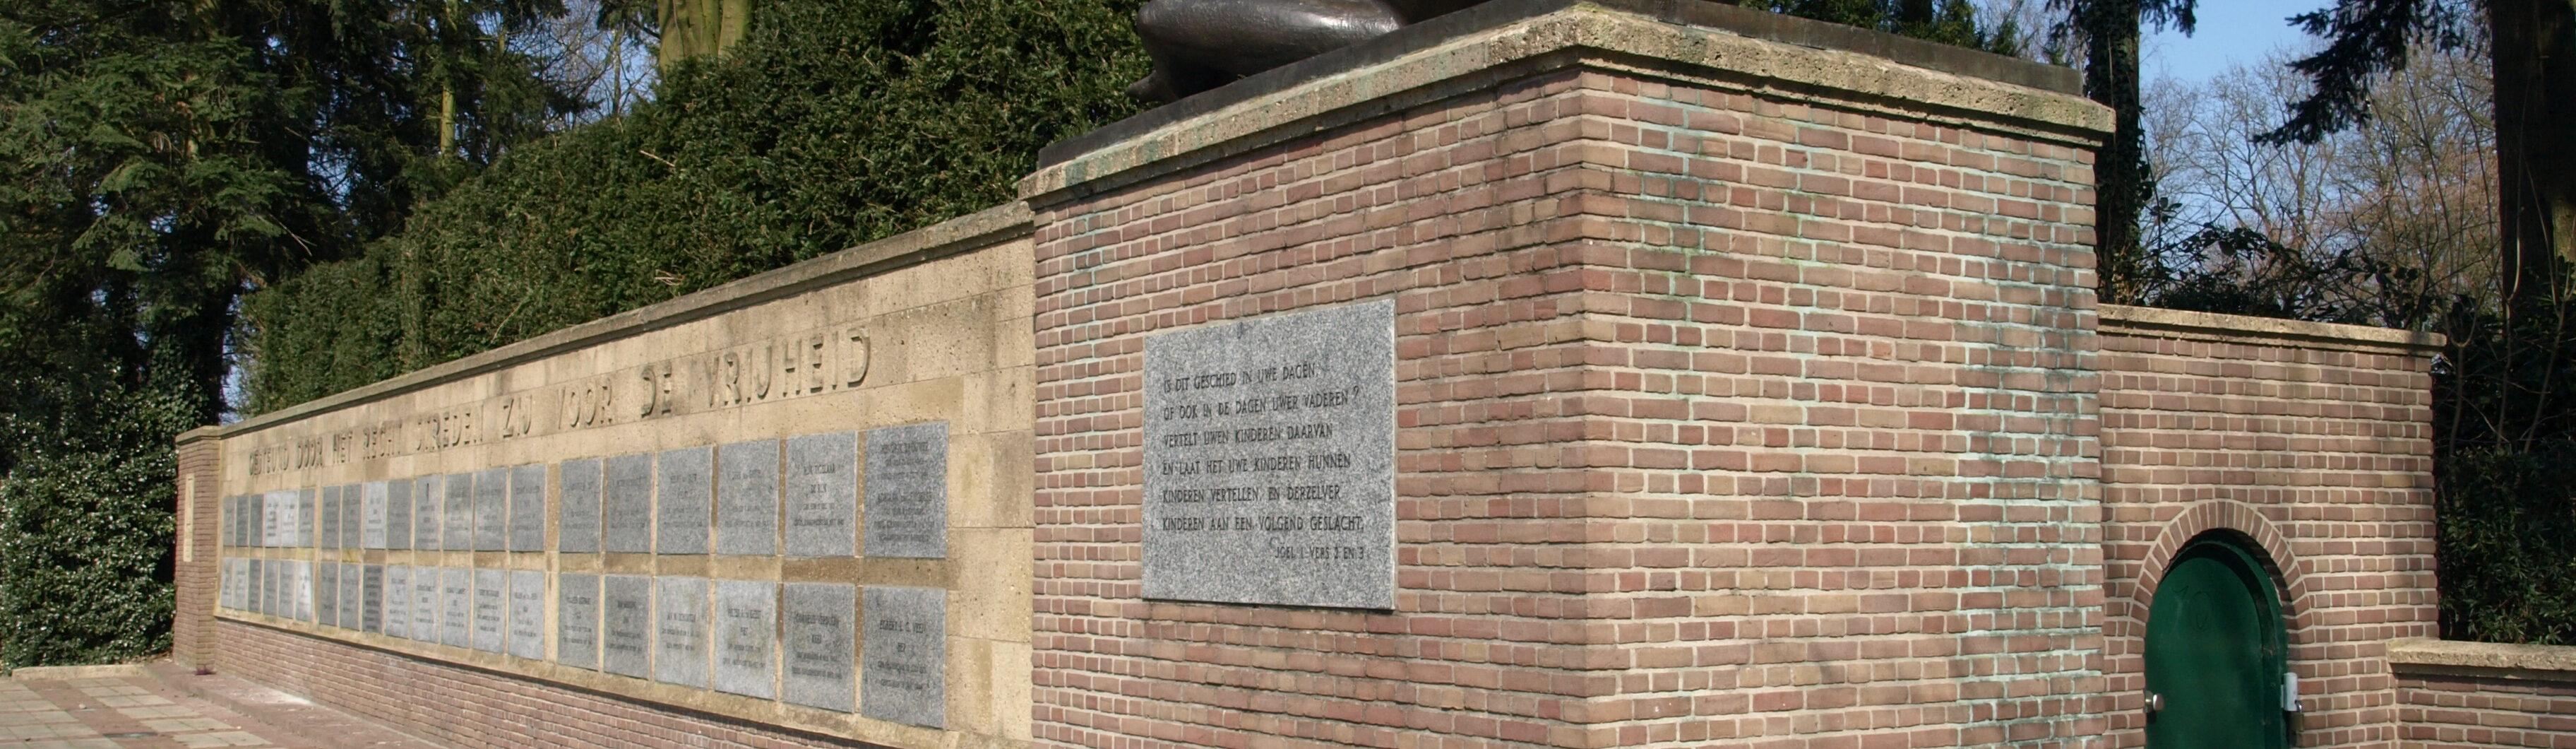 Ede, Mausoleum op de Paasberg (foto: Bert de Vos)